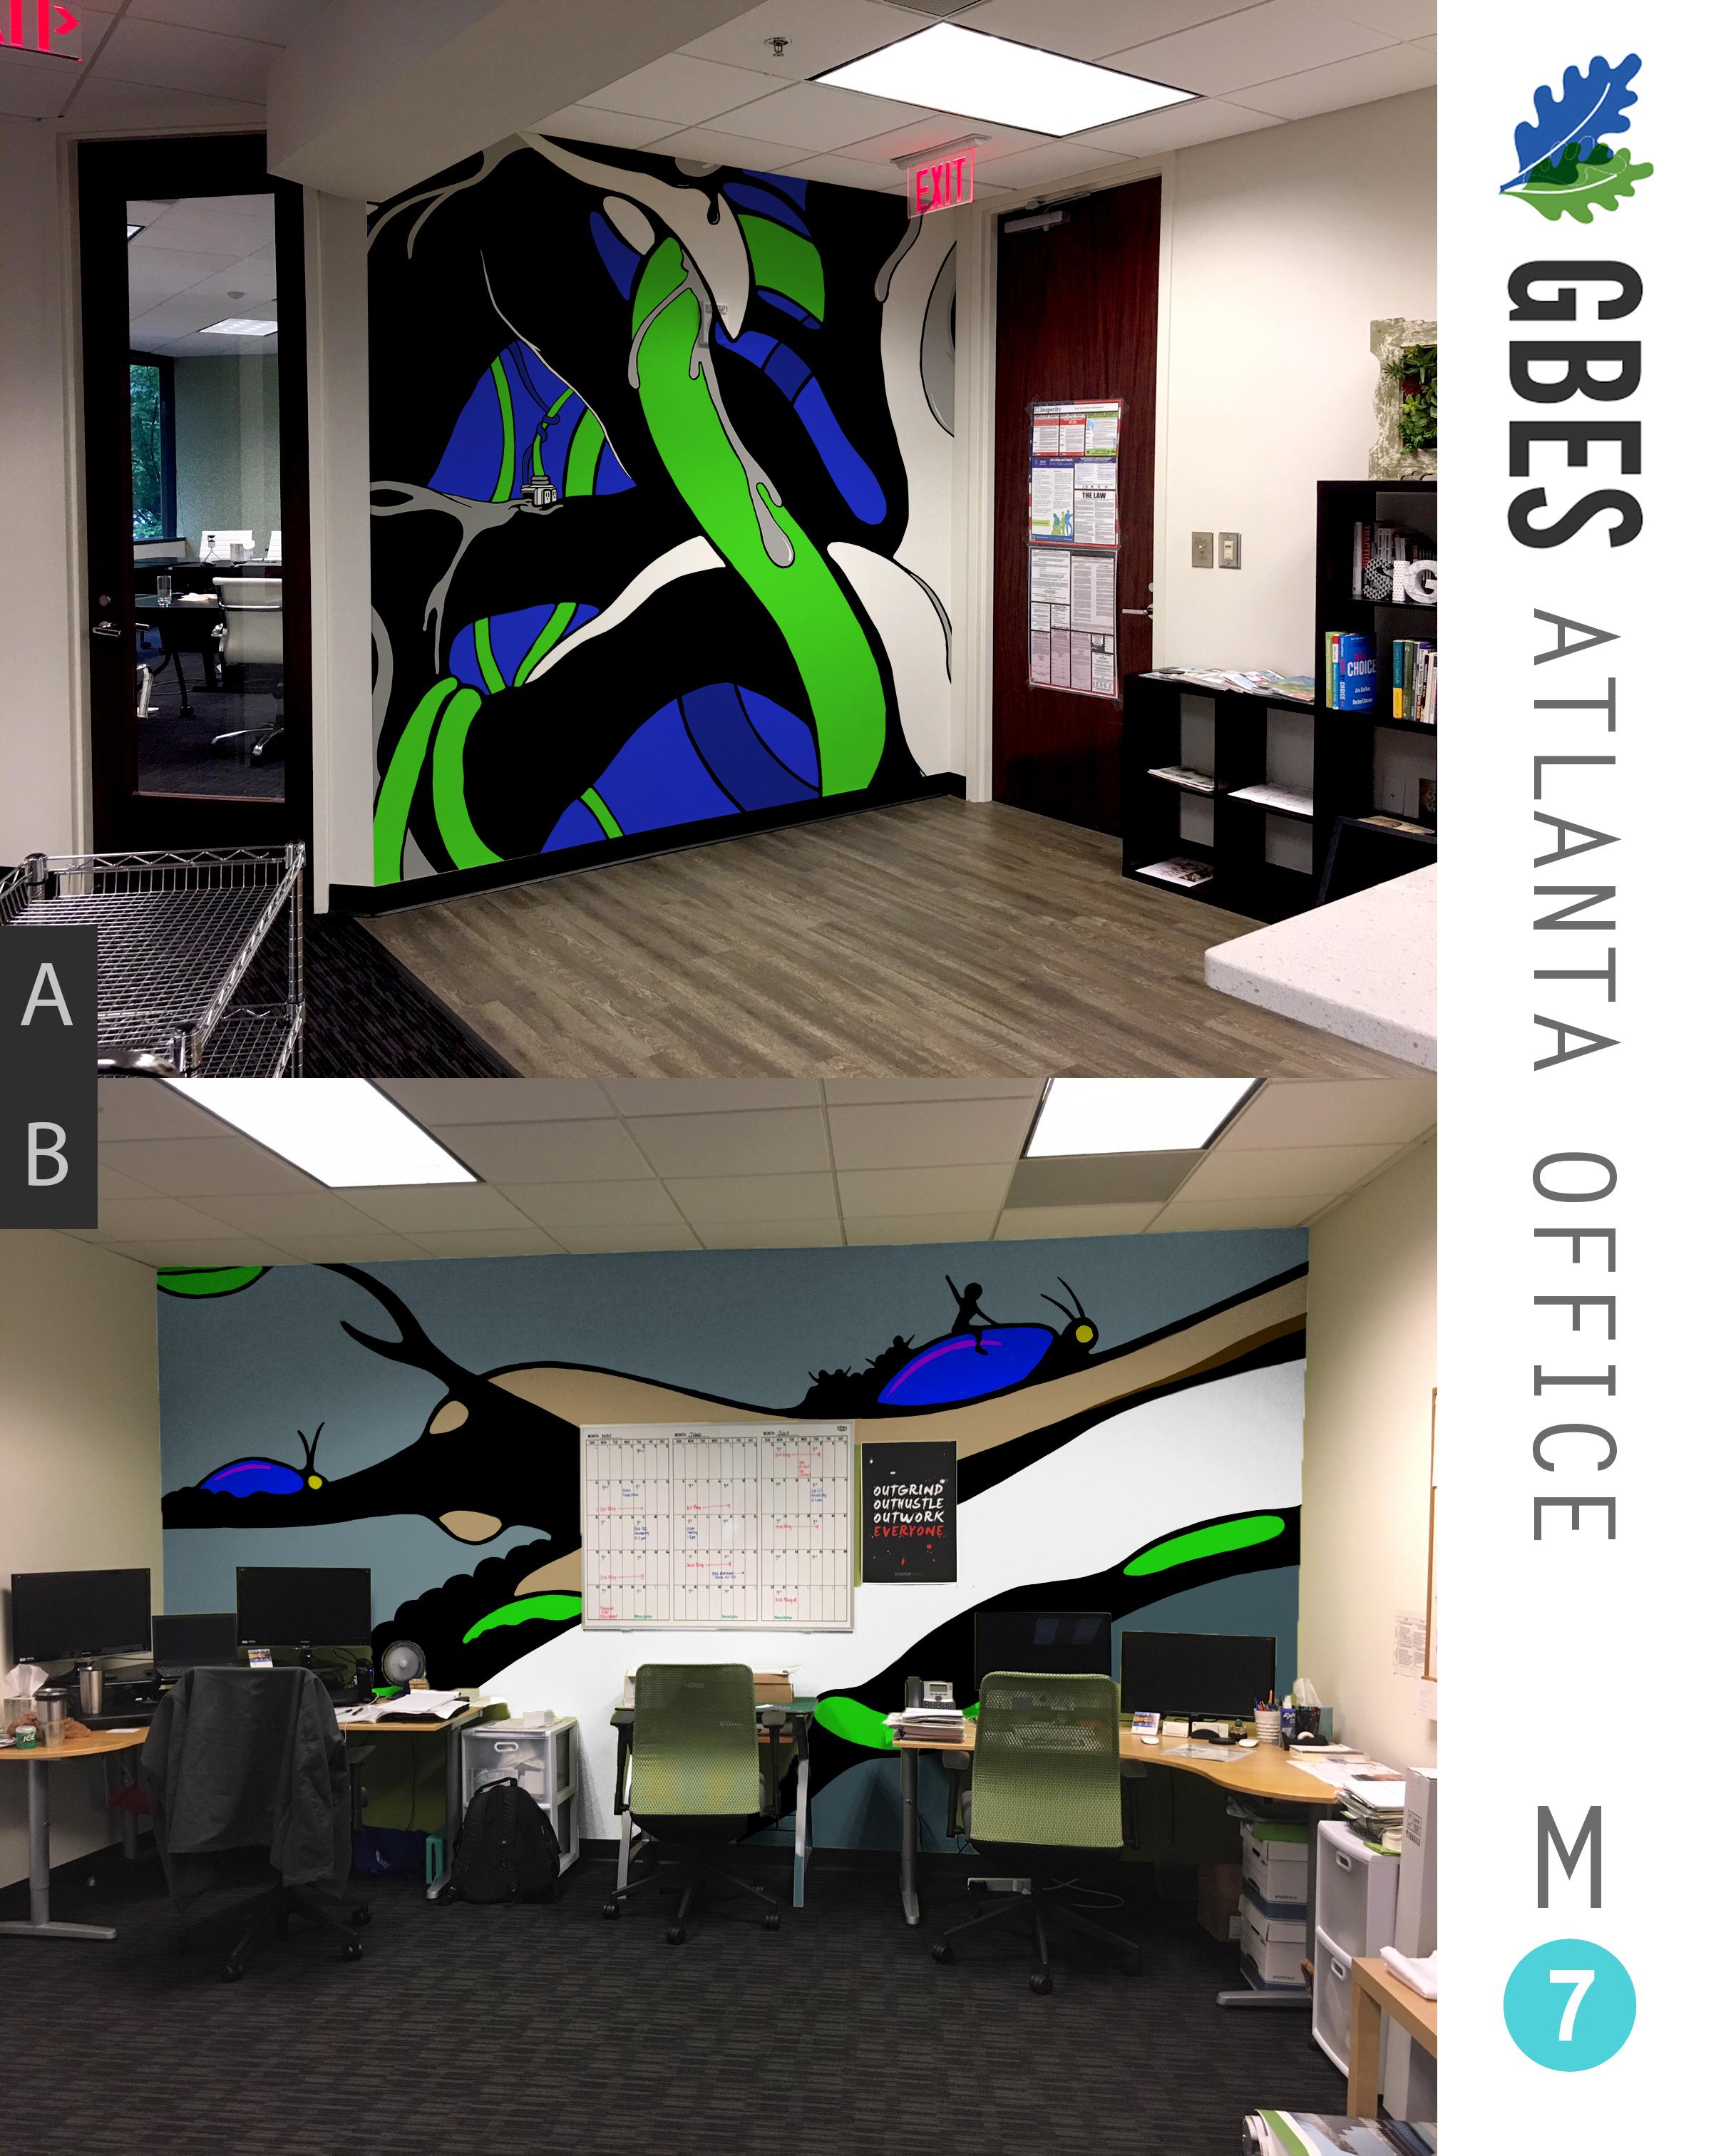 gbes-mural-mock-07